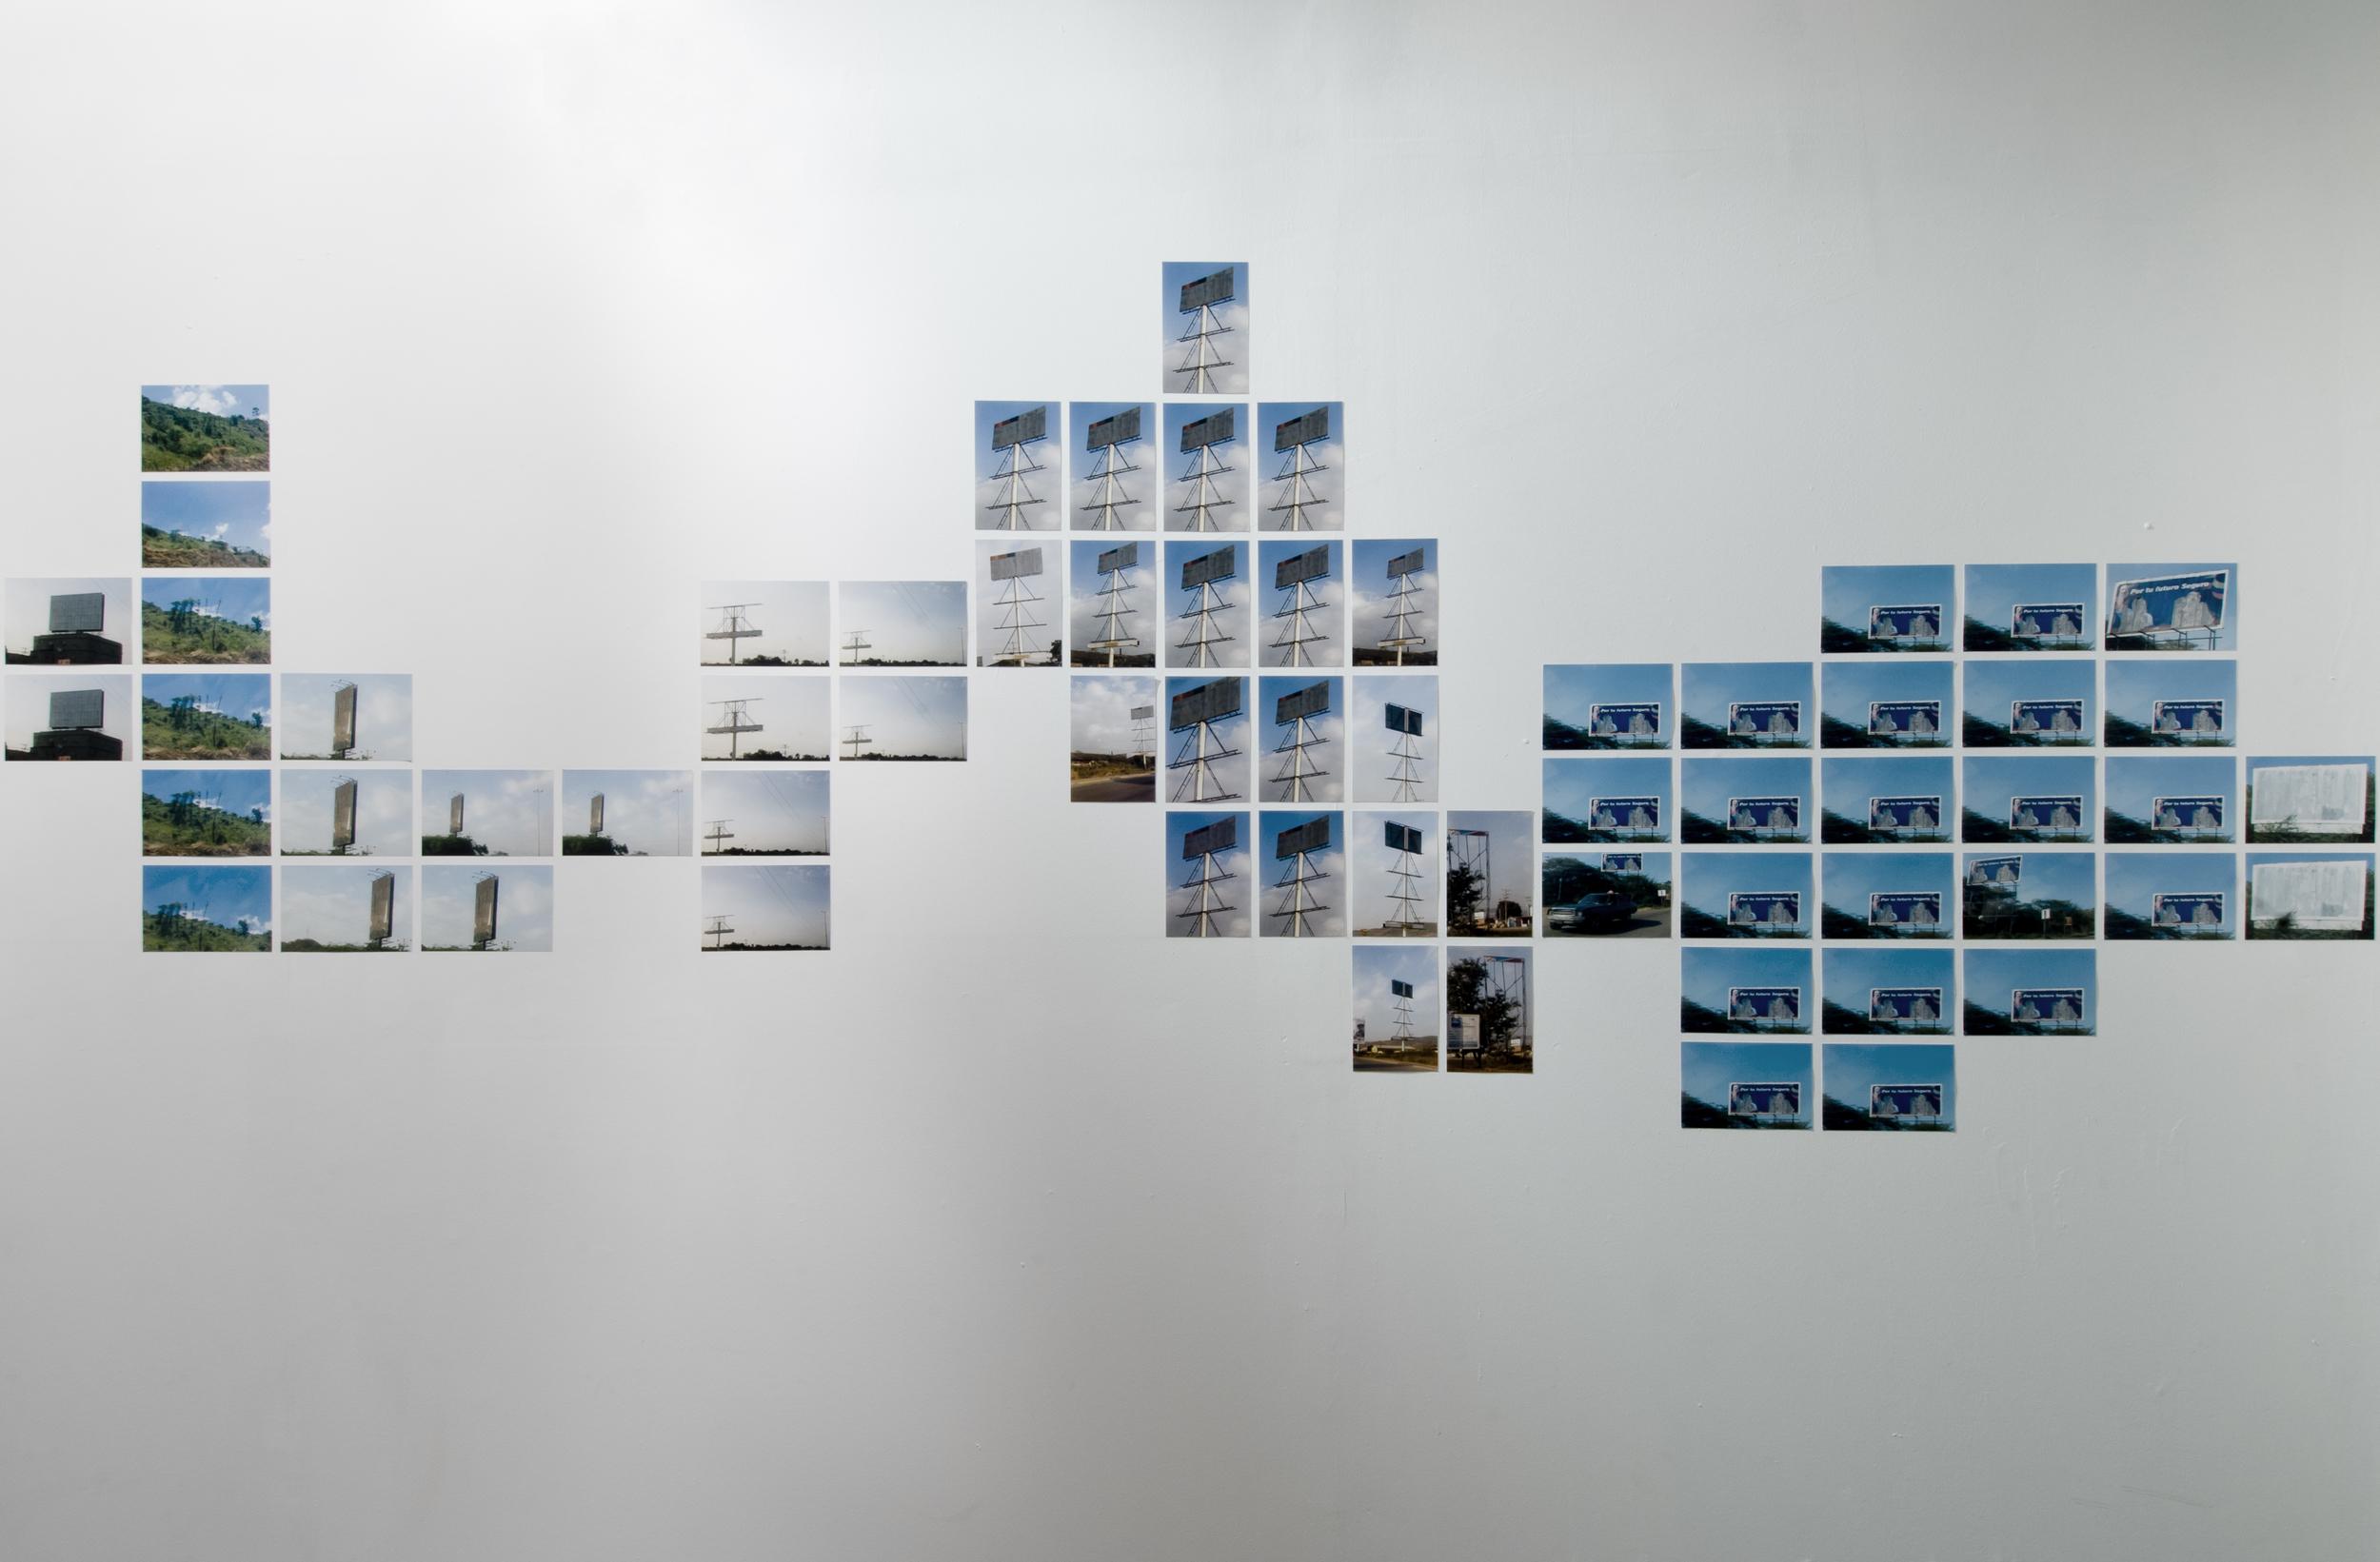 Esperanza Mayobre © 2012  ,   Museos Viales  . 105 Photos. Variable dimensions. Courtesy of the artist.